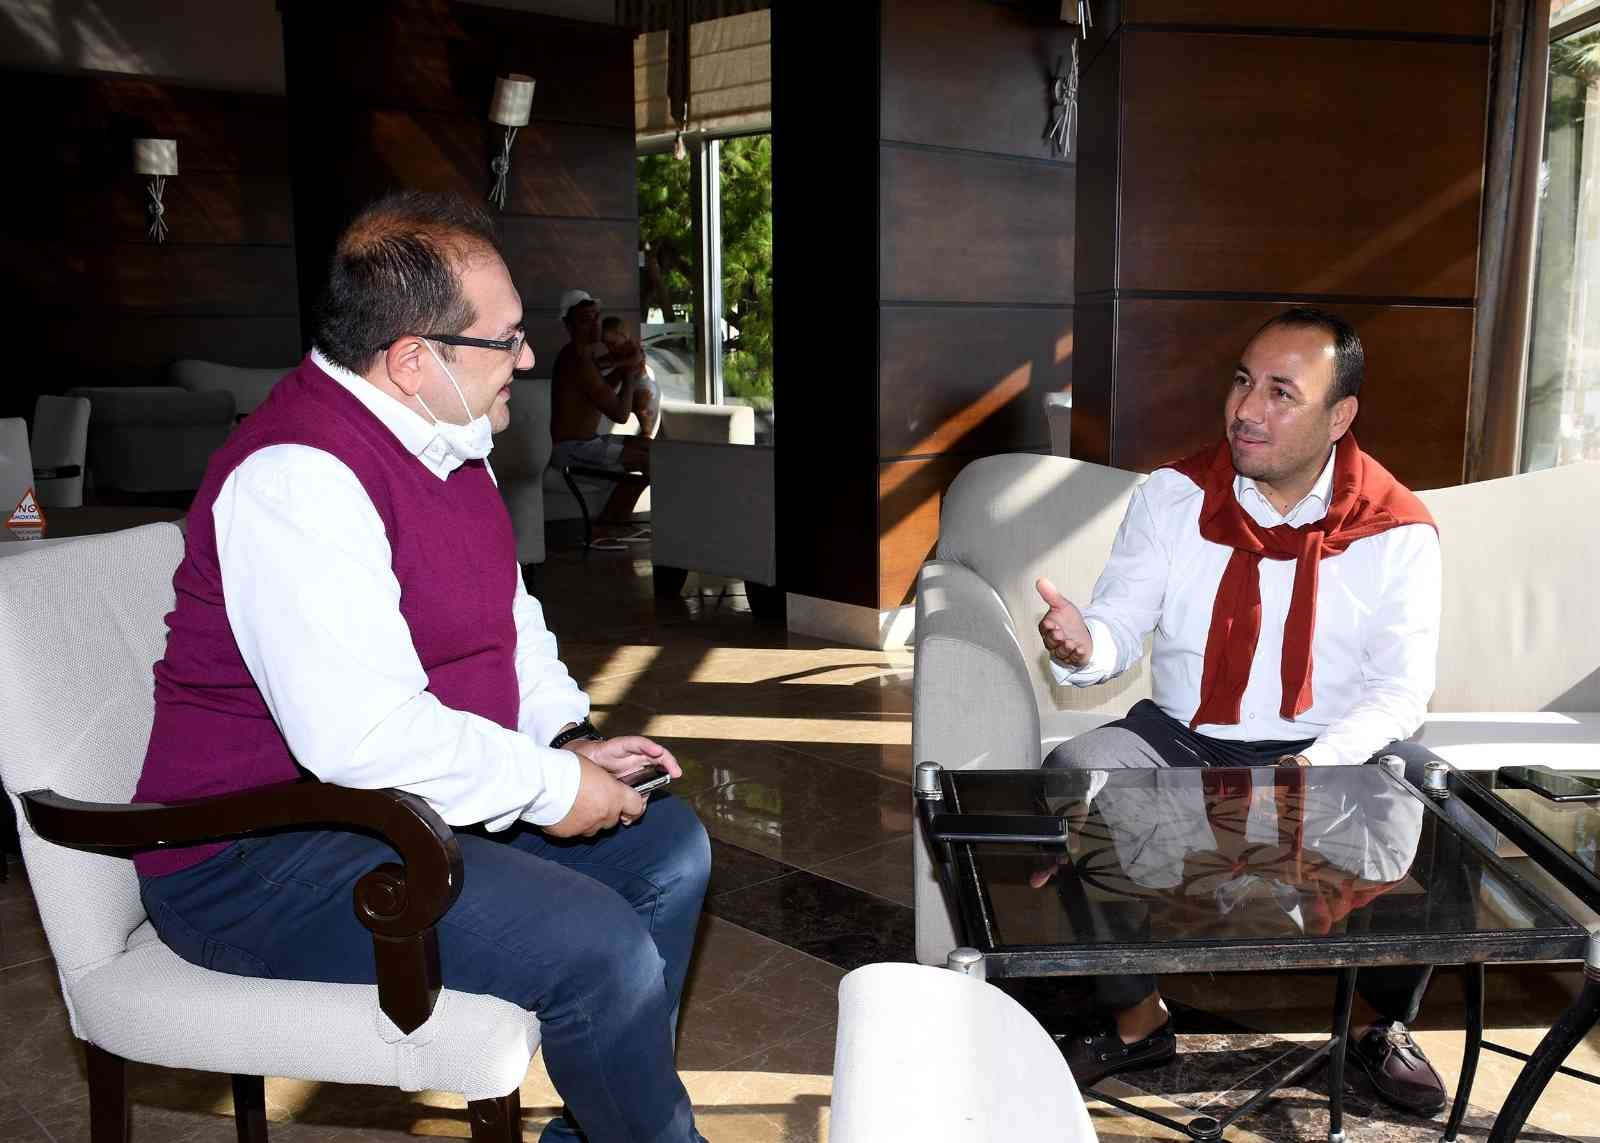 Kuşadası'nda İşlendirme Ofisi turizm sektörüne istihdam kaynağı oldu